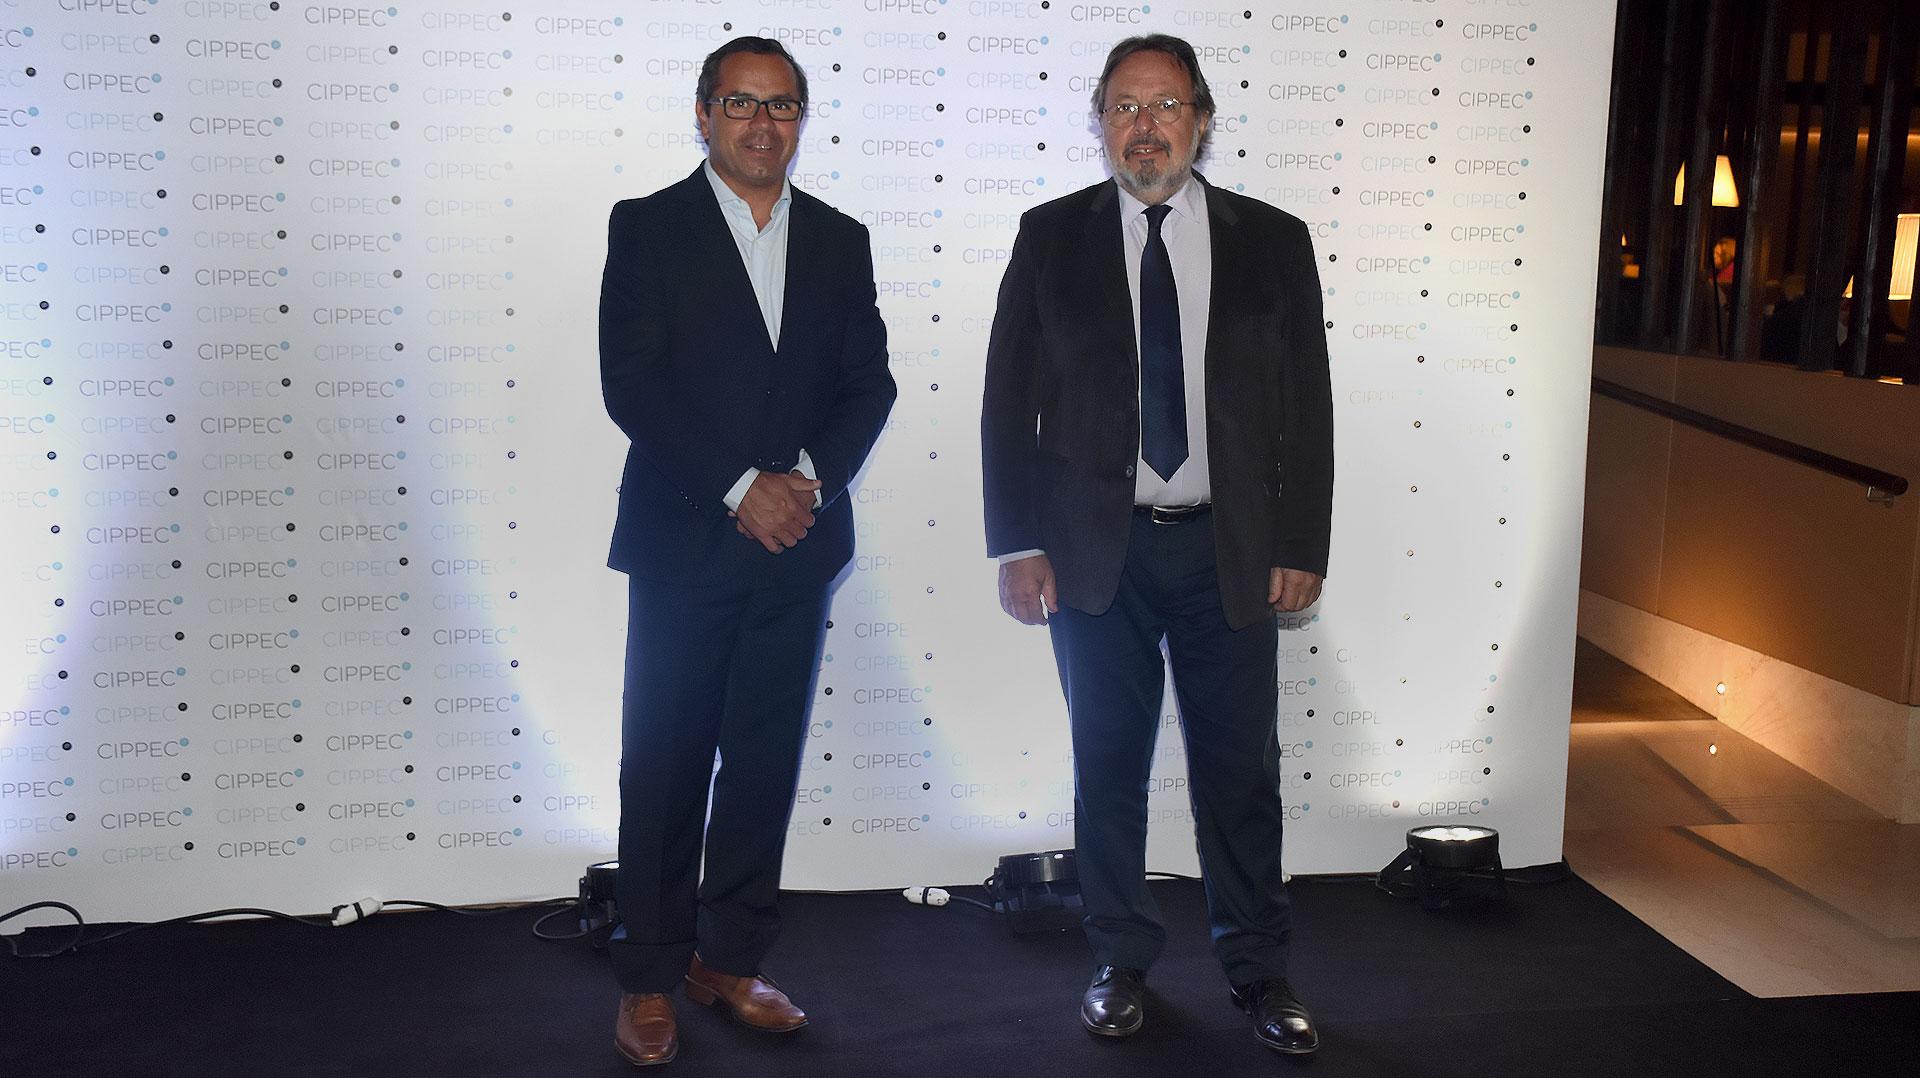 Gastón Urquiza y Pedro Del Piero, director ejecutivo y presidente de la Fundación Metropolitana, respectivamente